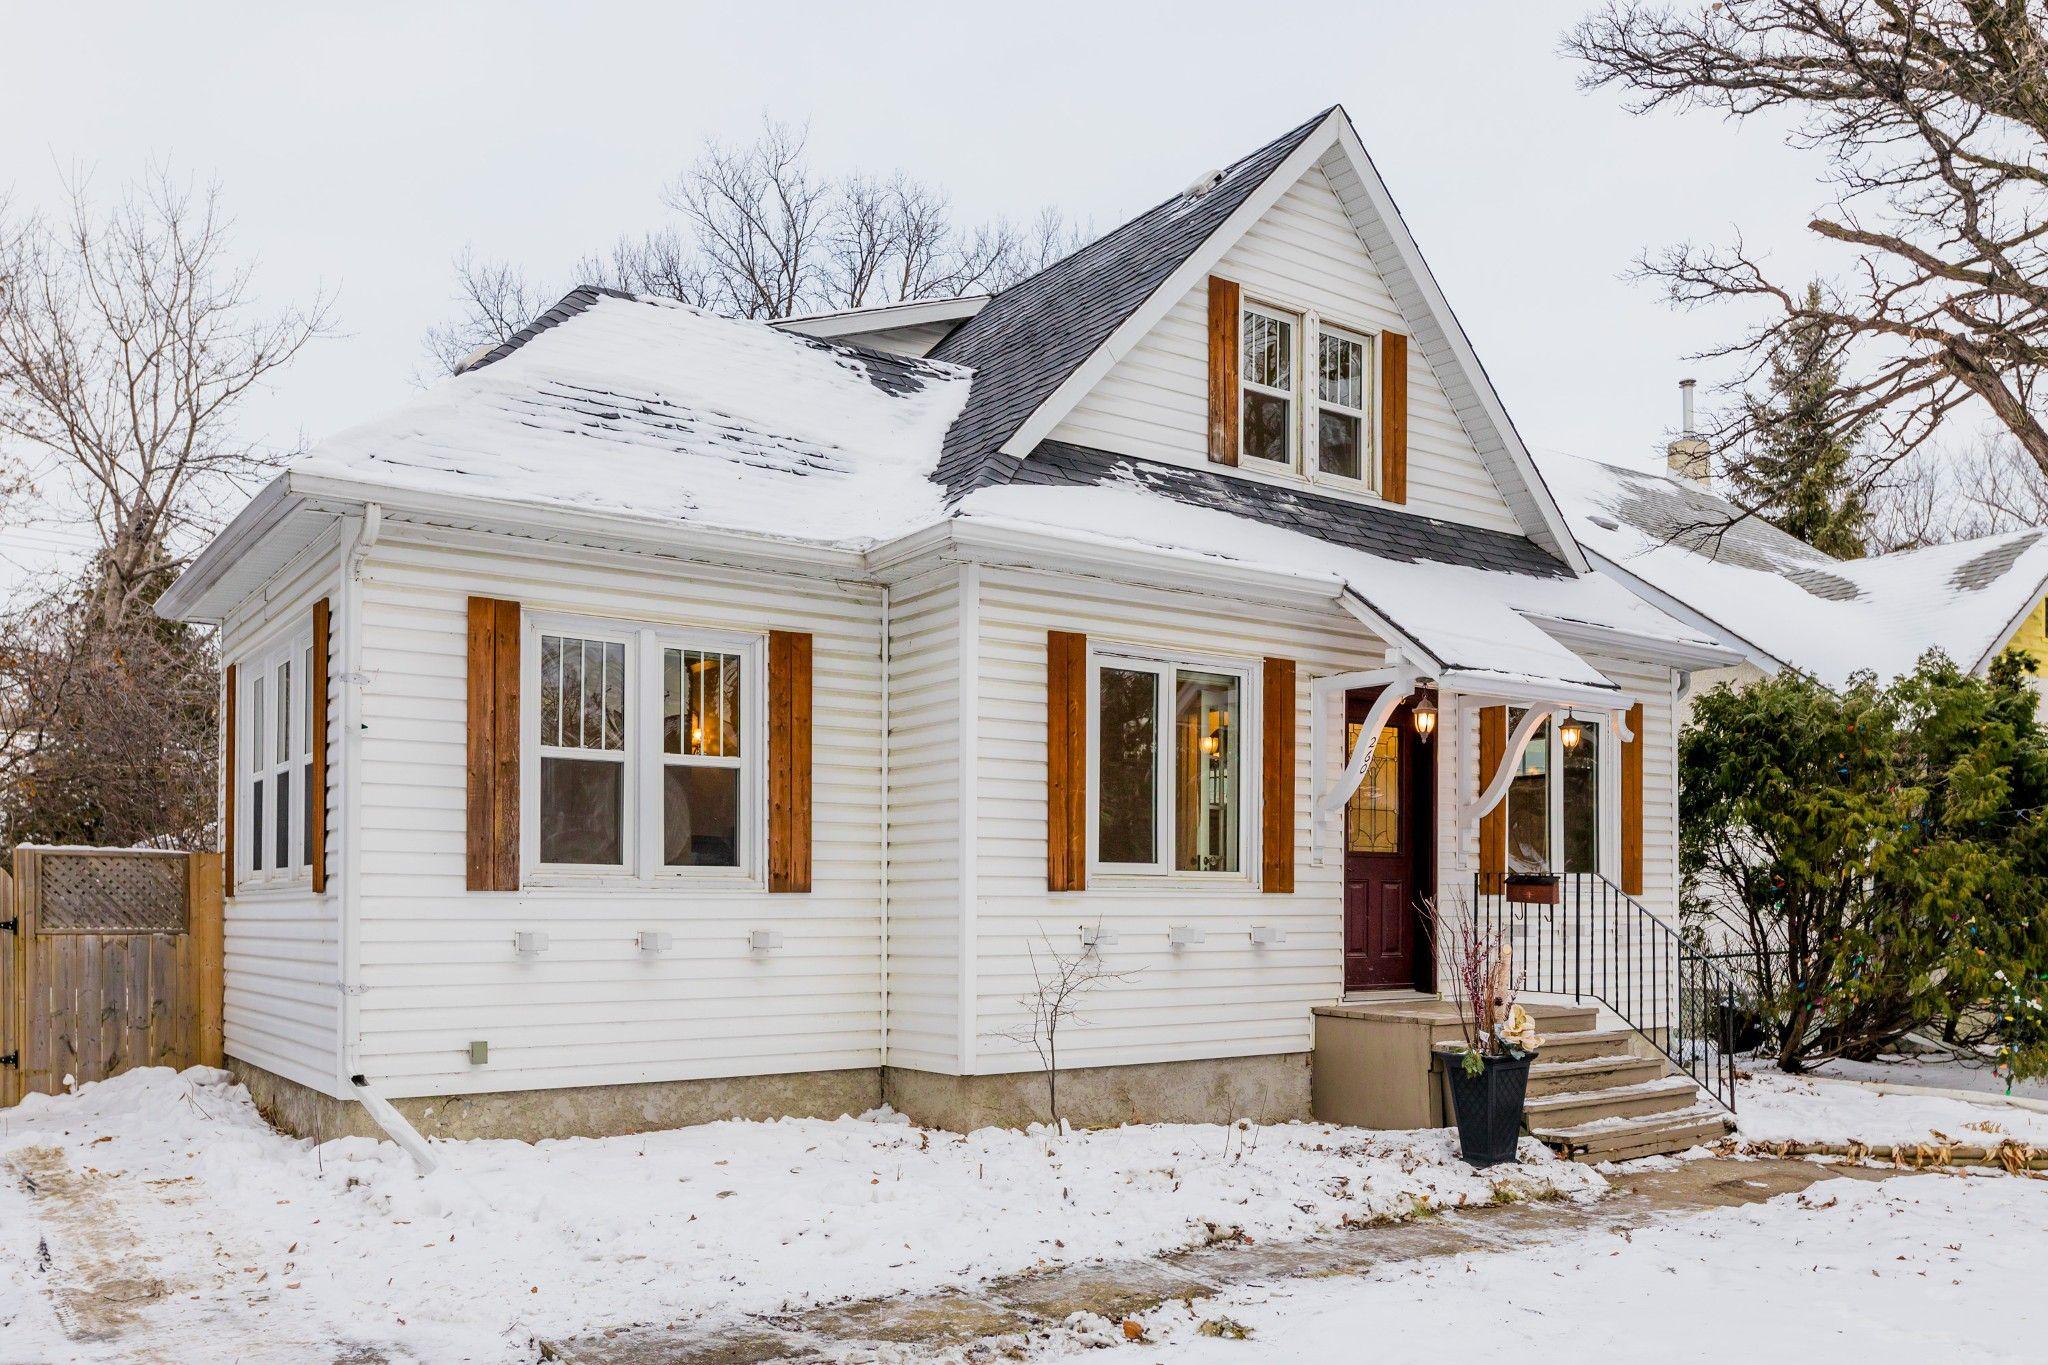 Main Photo: 260 Duffield Street in Winnipeg: Deer Lodge House for sale (5E)  : MLS®# 202000859